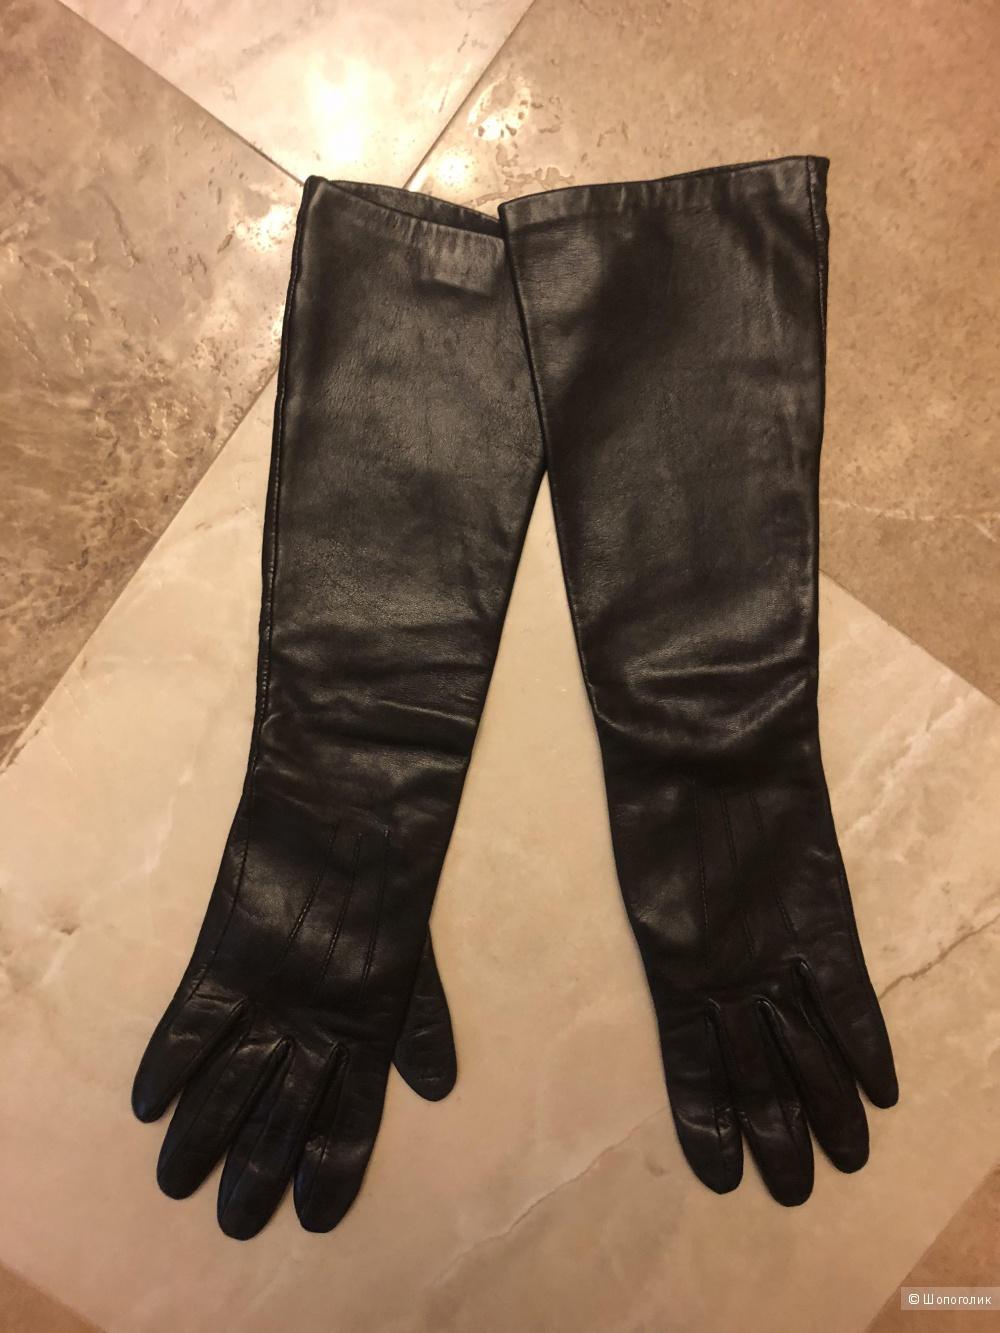 Кожаные перчатки размер 7,5.